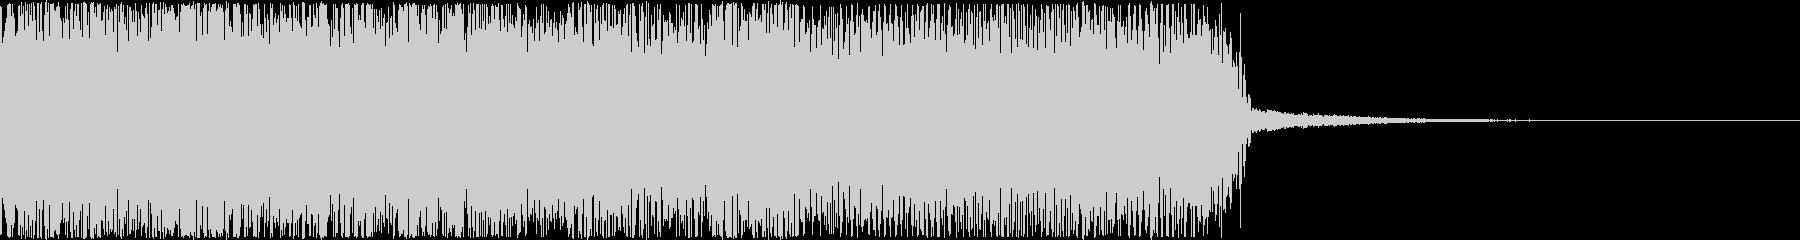 ロックなサウンドロゴ、ジングルです。の未再生の波形